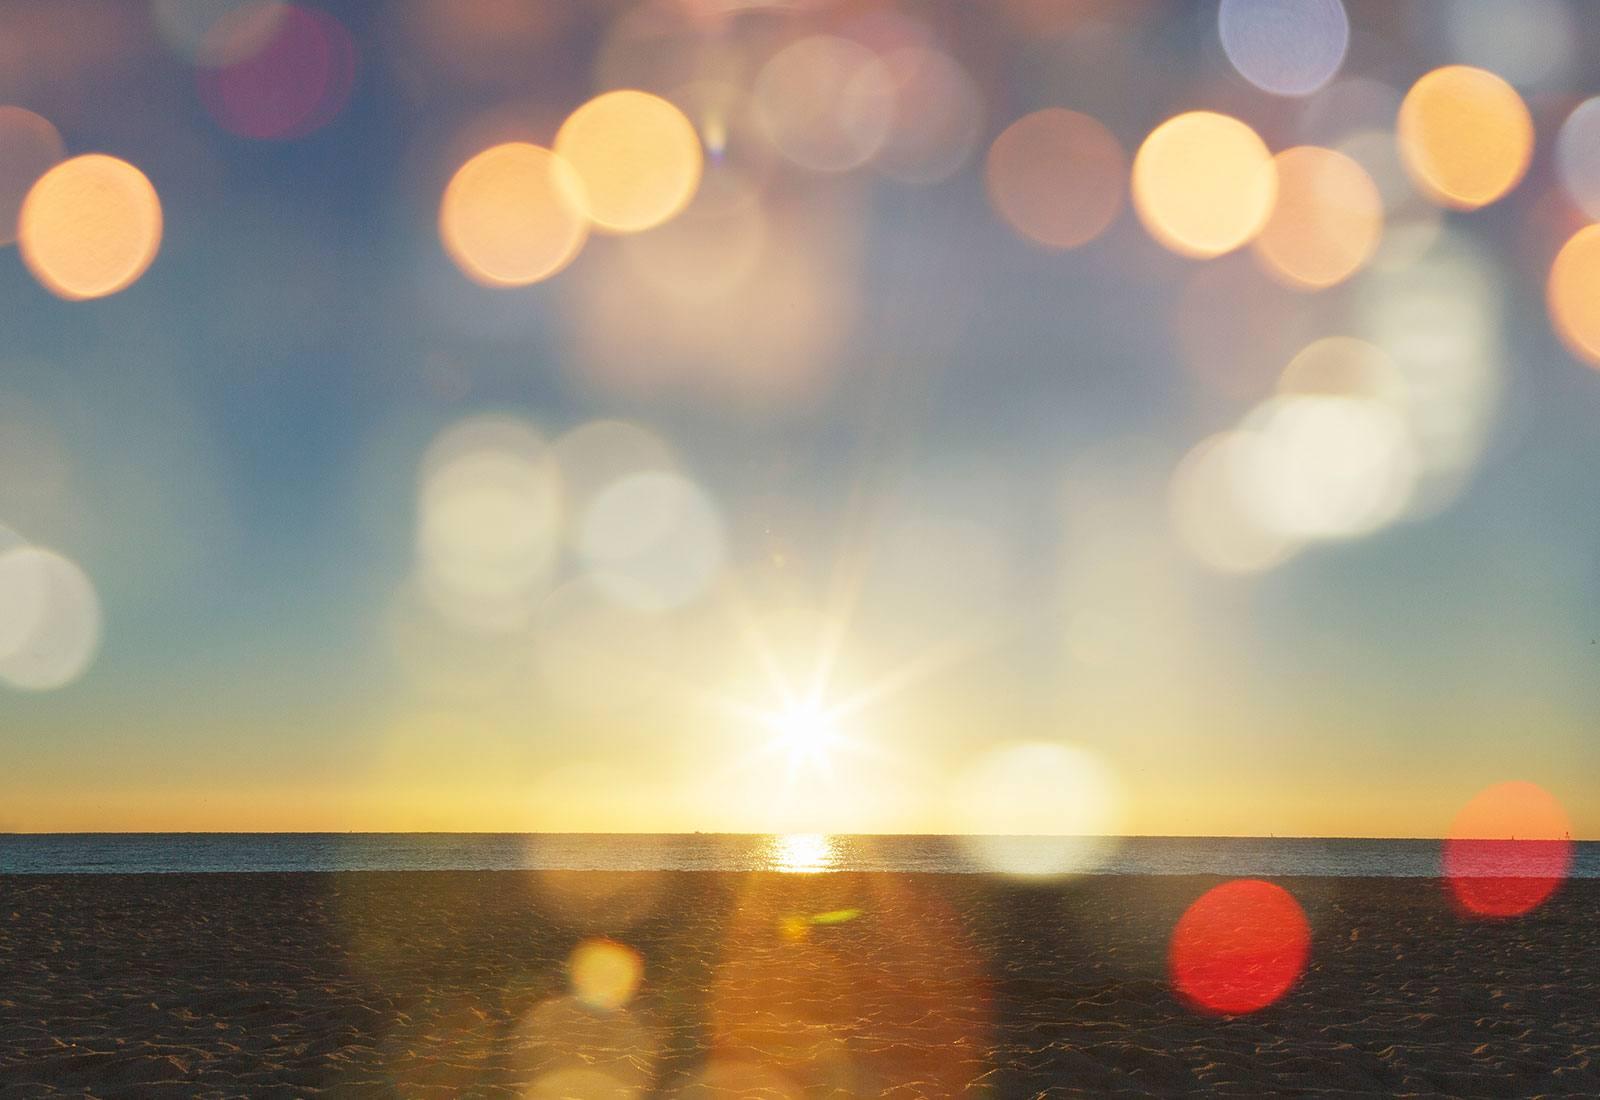 Sun and a beach